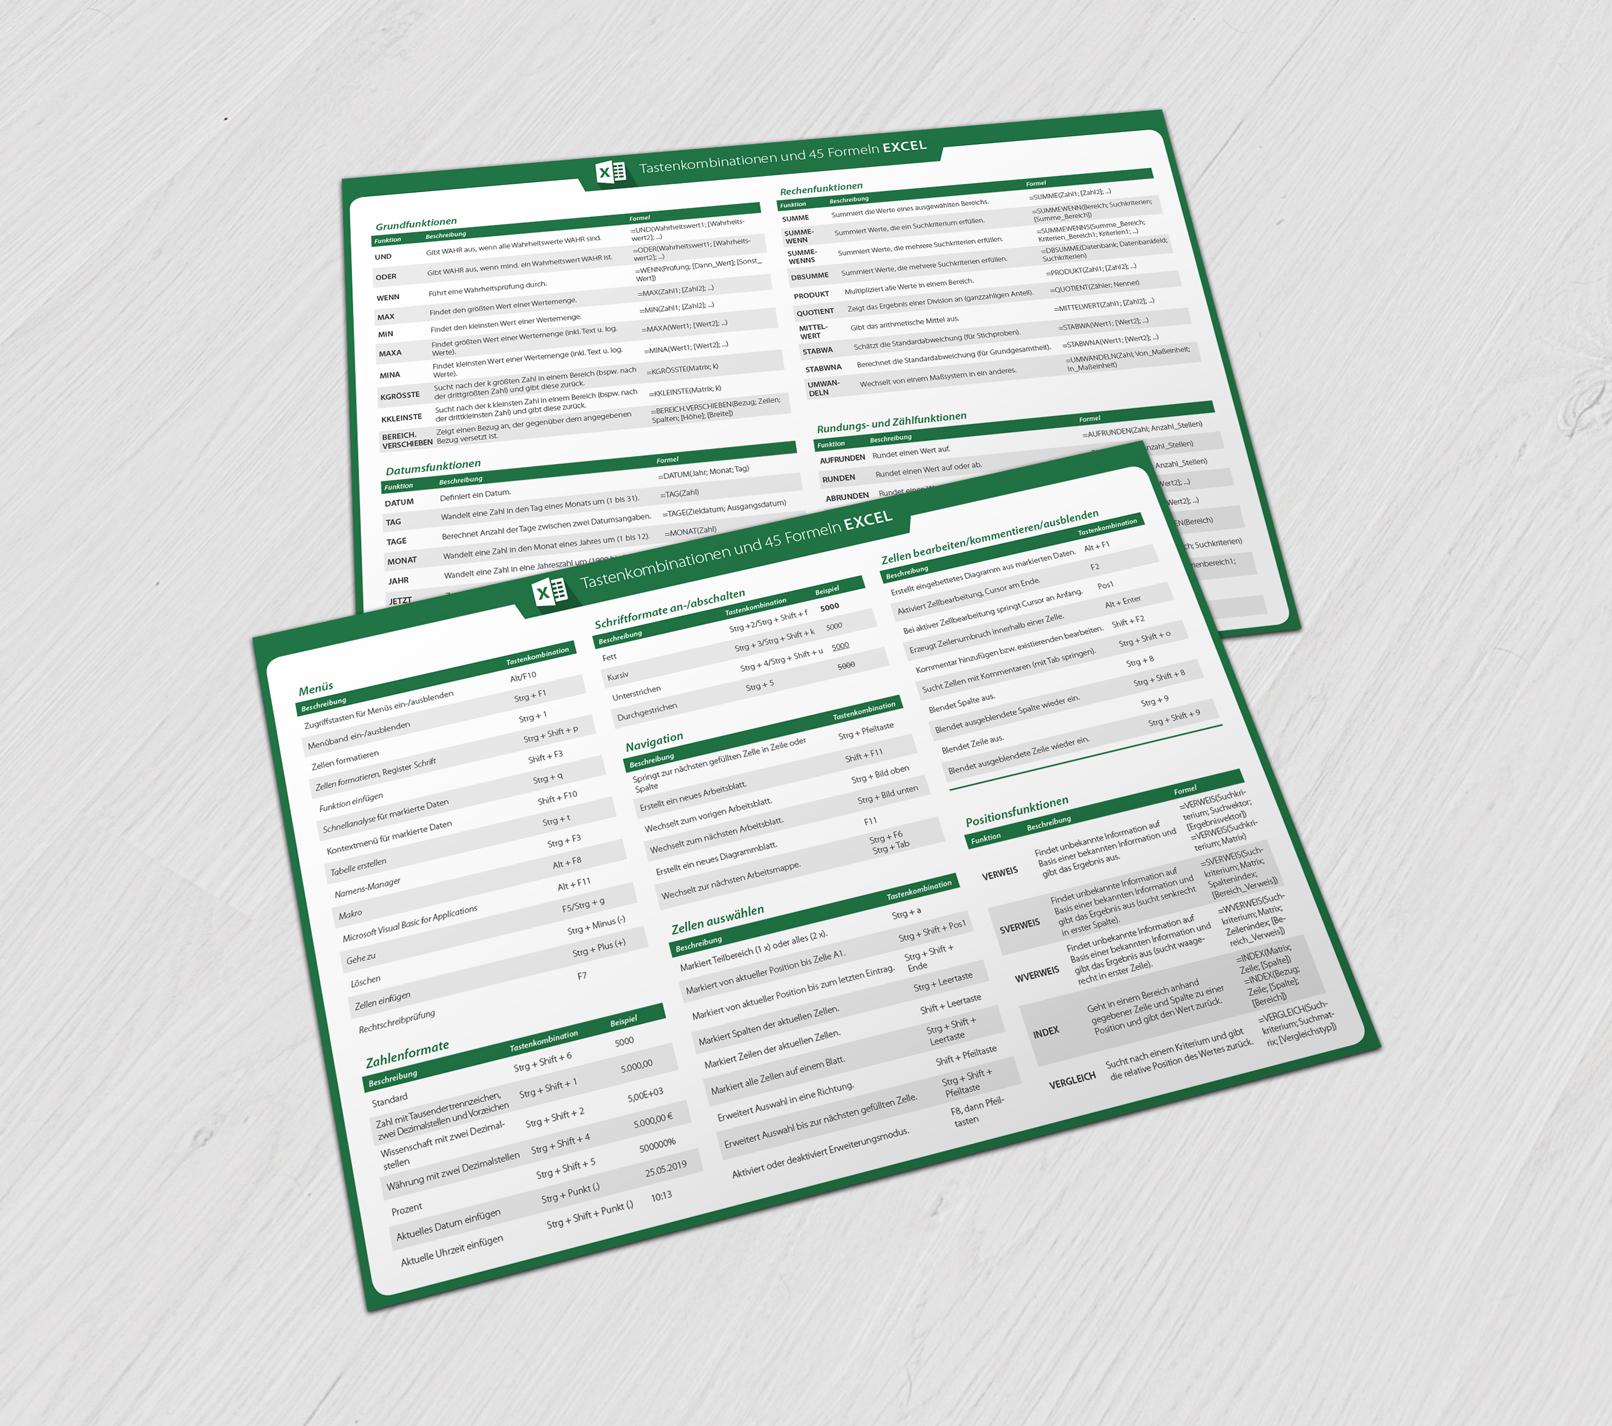 Referenzkarten für Microsoft Excel